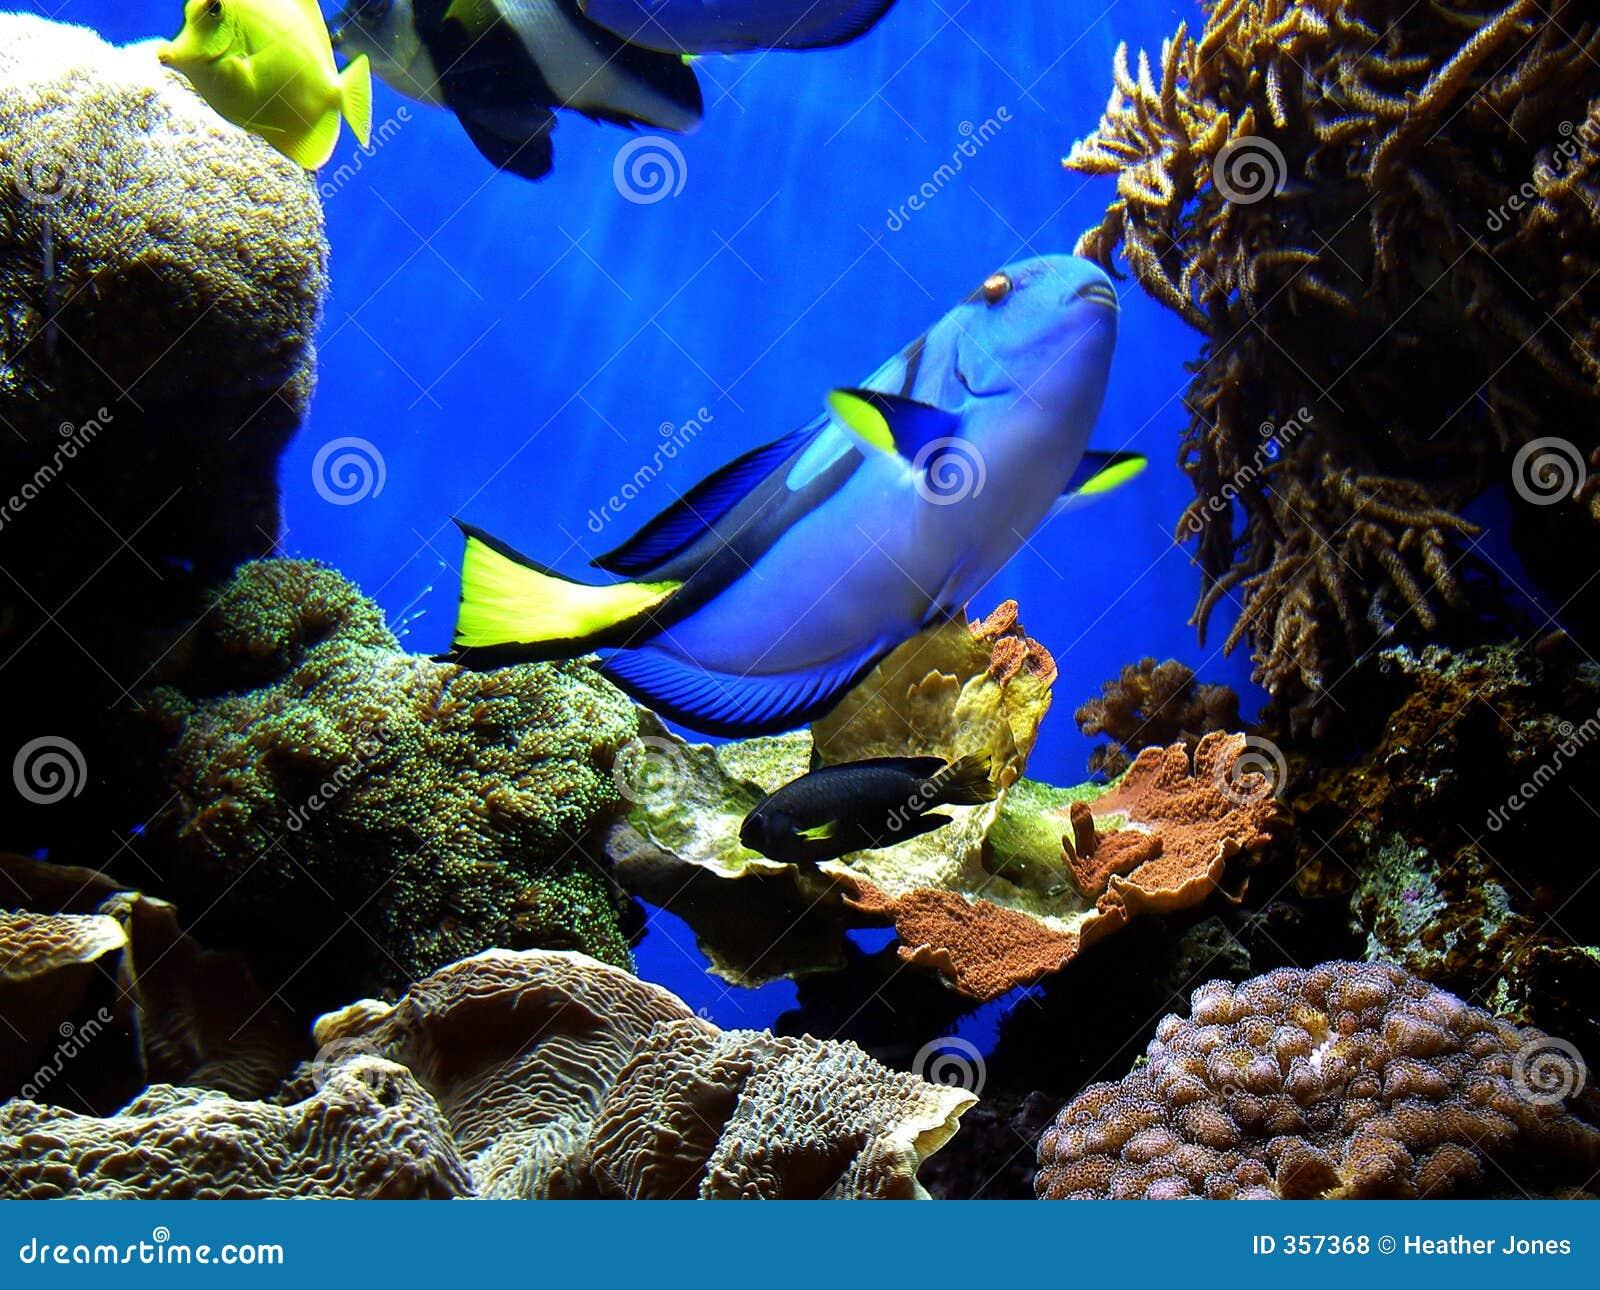 Conclusion du doris de nemo photo stock image du rayons - Image doris nemo ...